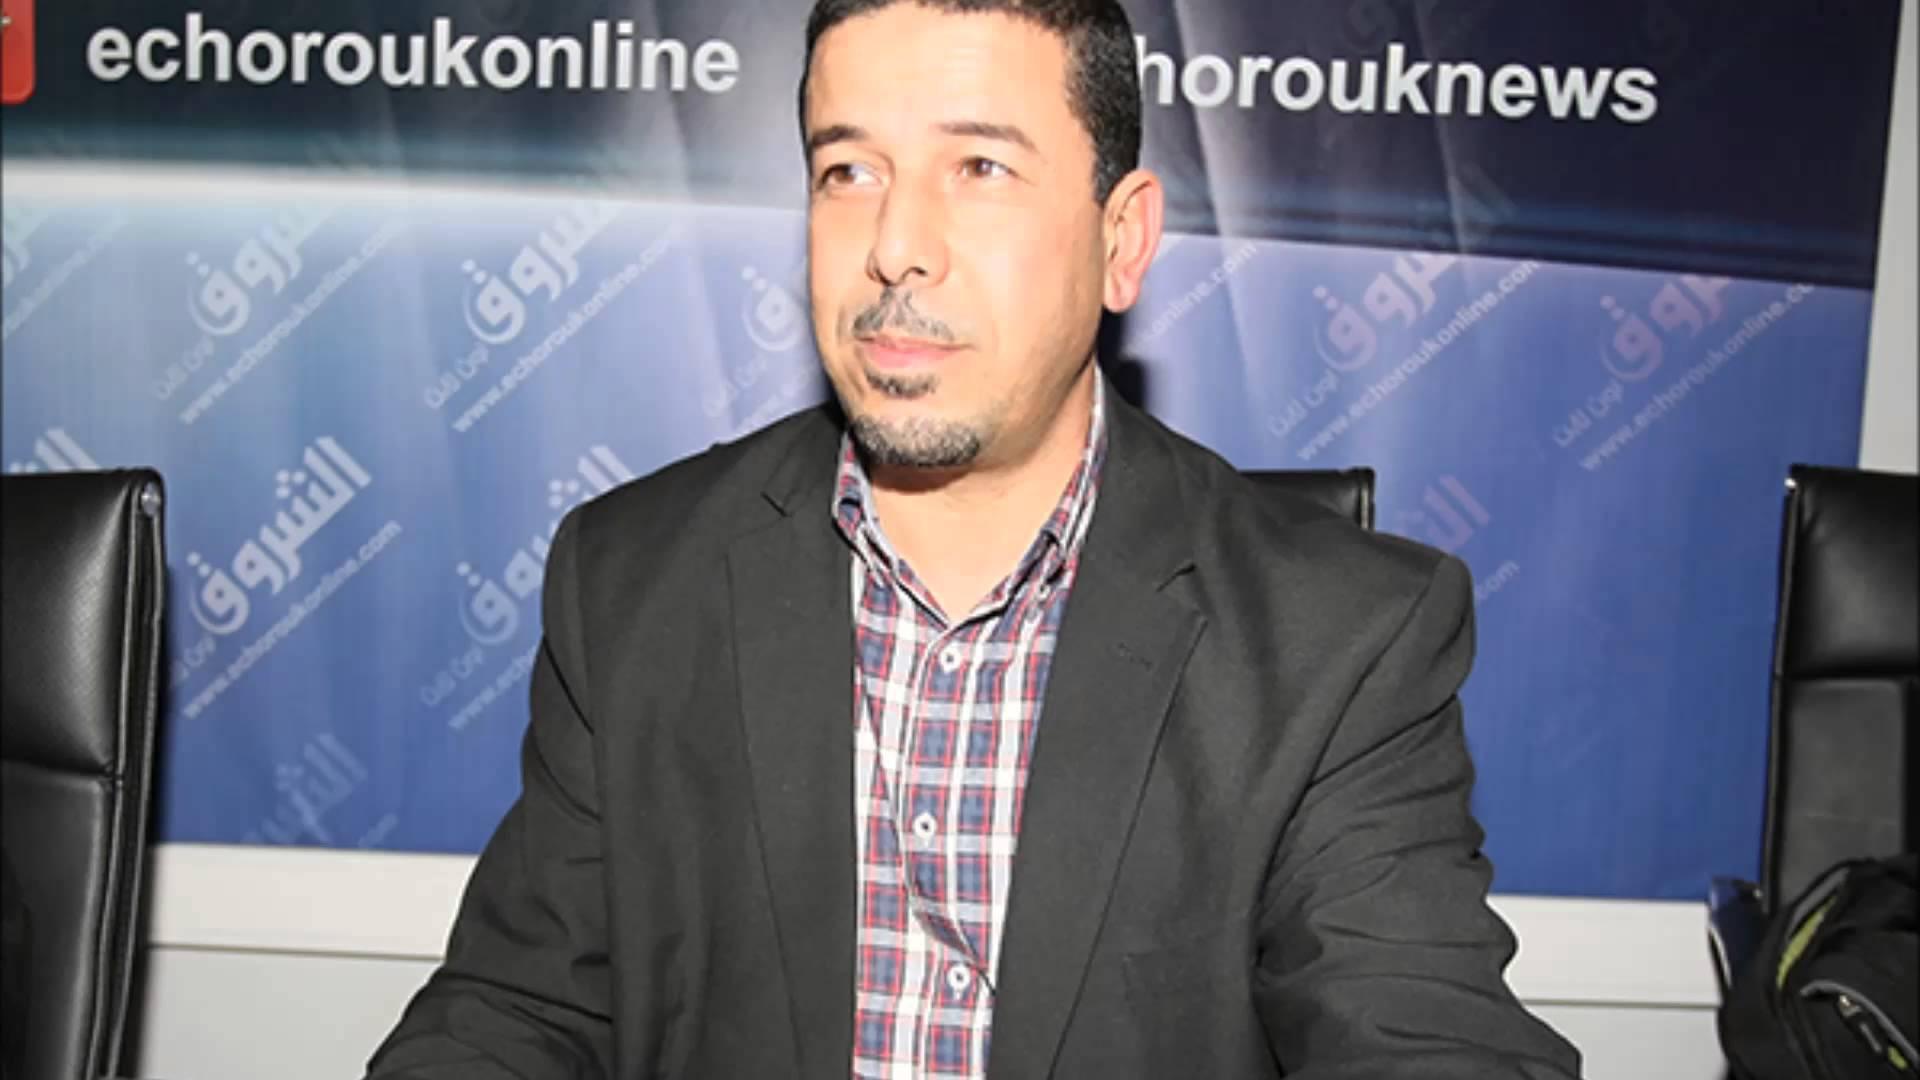 بهلولي: إغلاق قناة الوطن قرار سياسي وليس إداريا